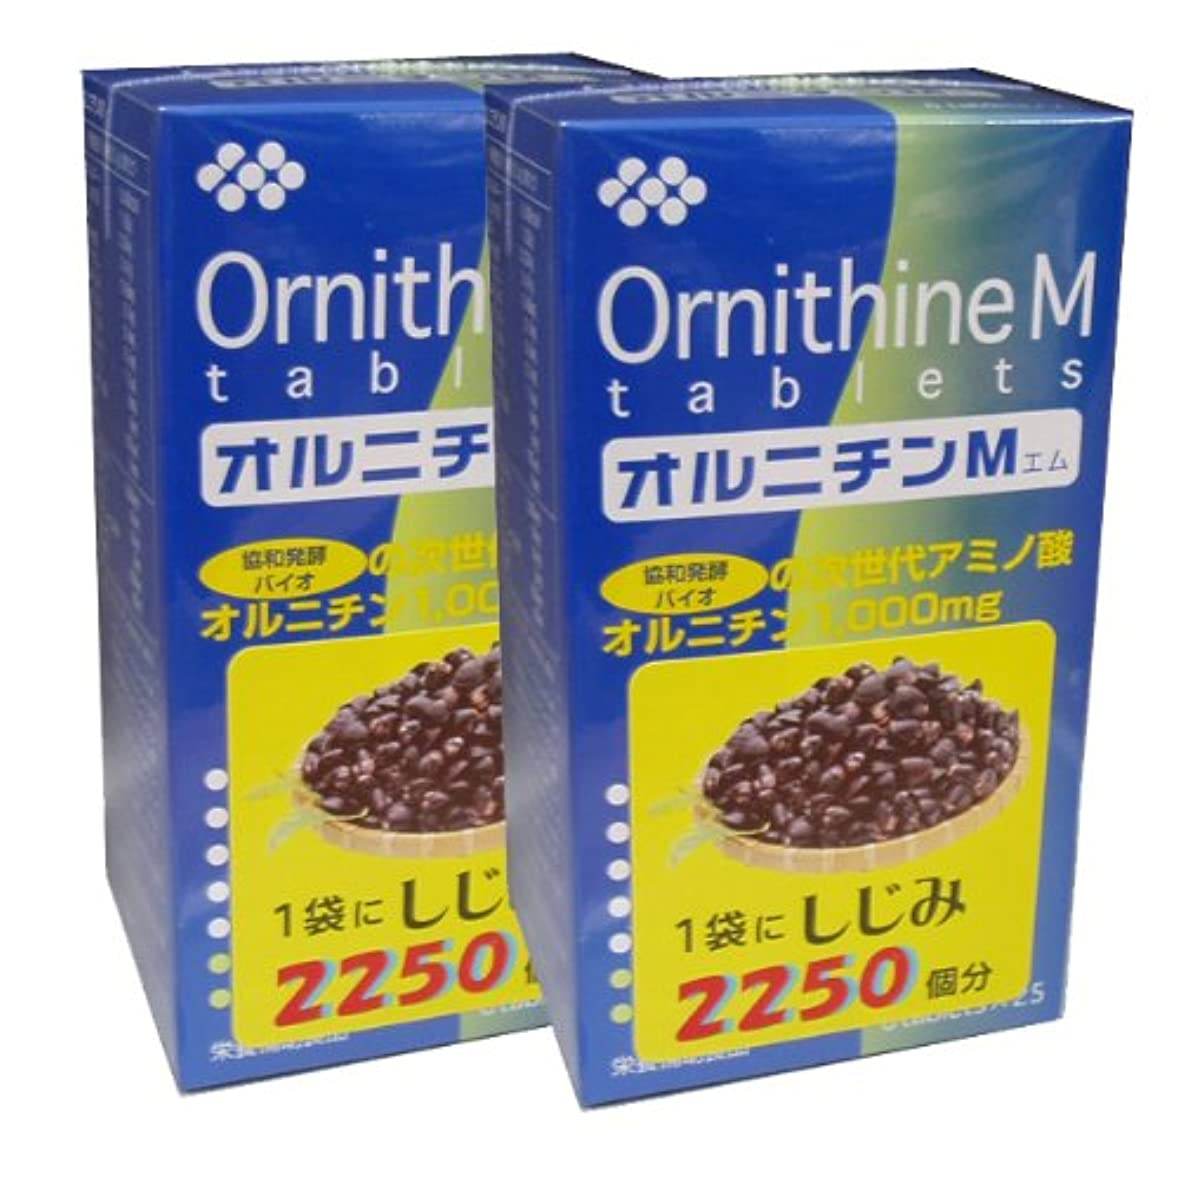 ロックアジア人悪意協和発酵オルニチンM (6粒×25袋)×2個セット